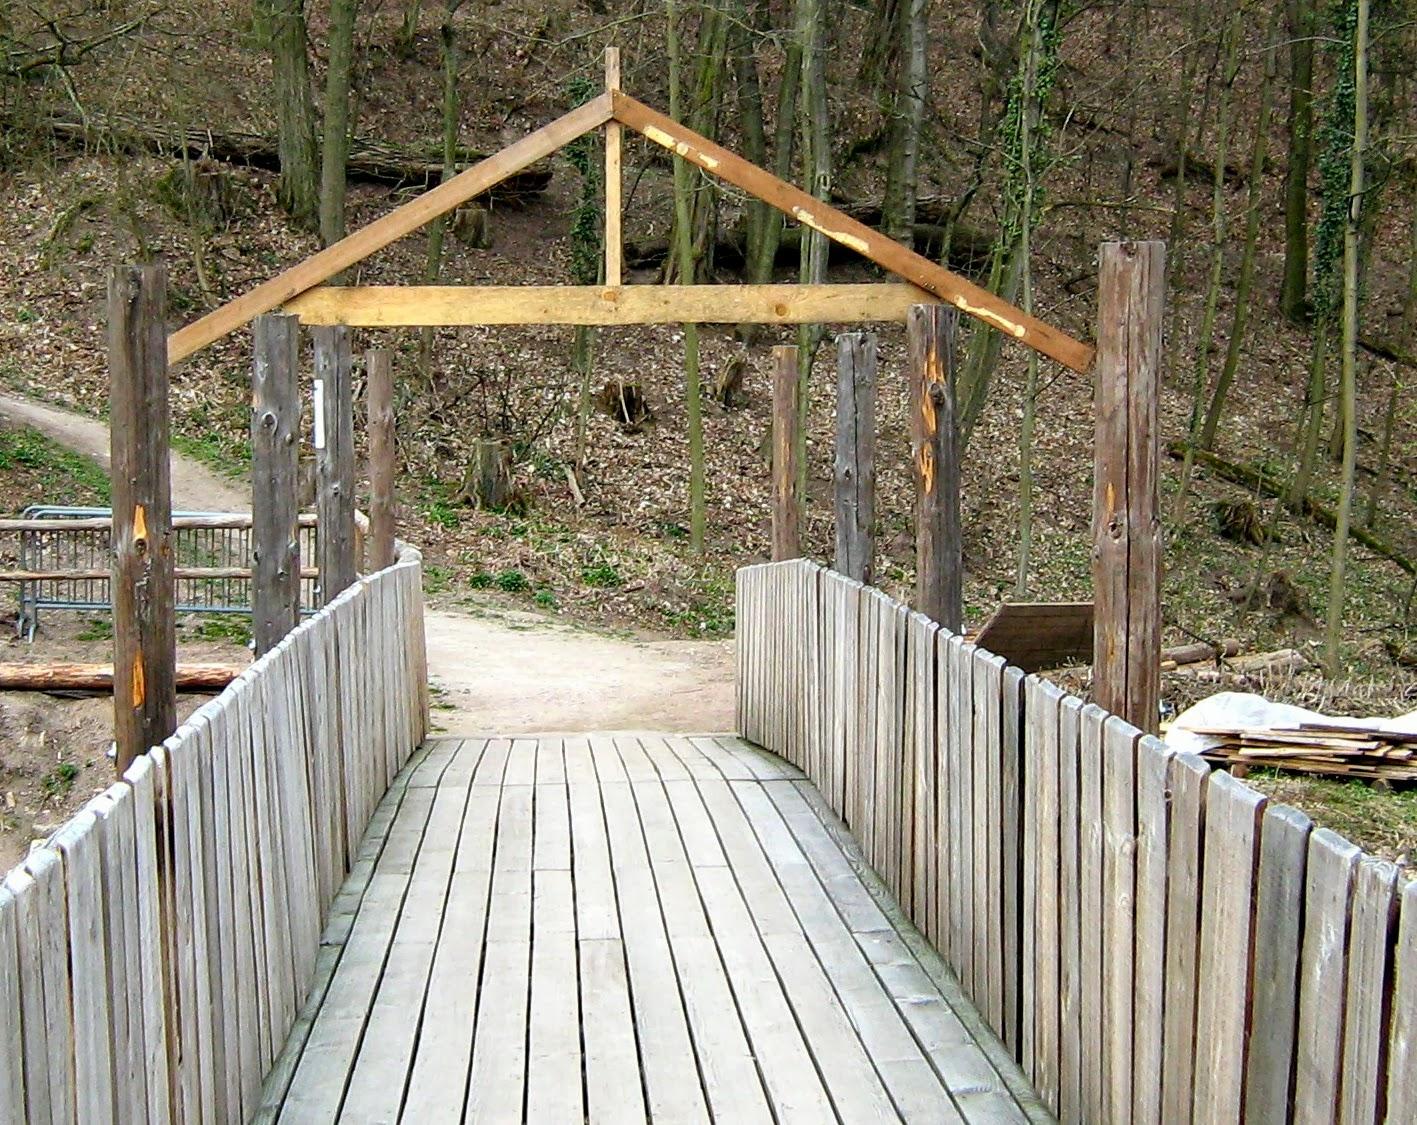 Planung für ein Holzdach